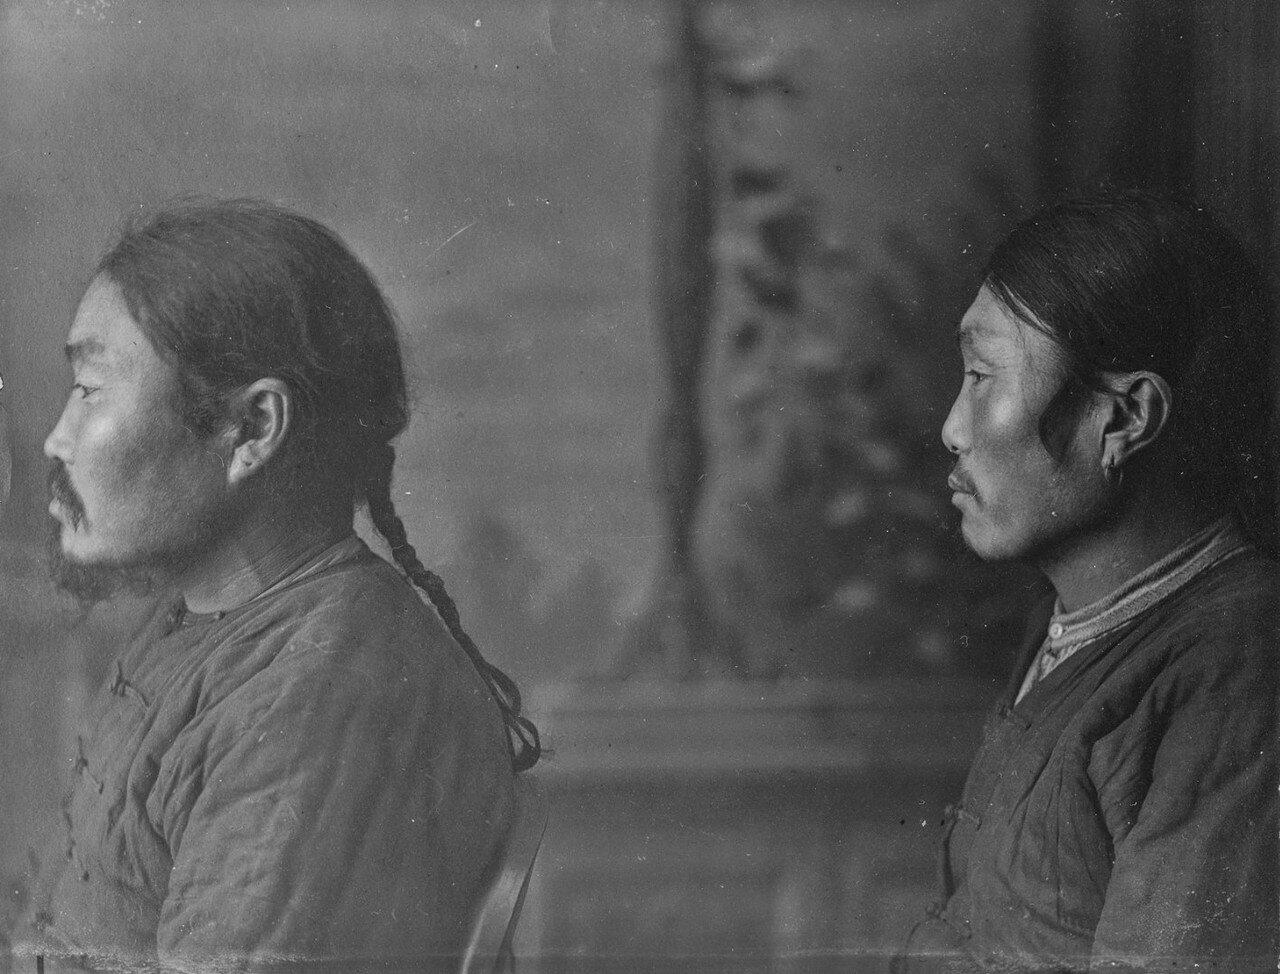 Снимок двух мужчин ольчи в  профиль